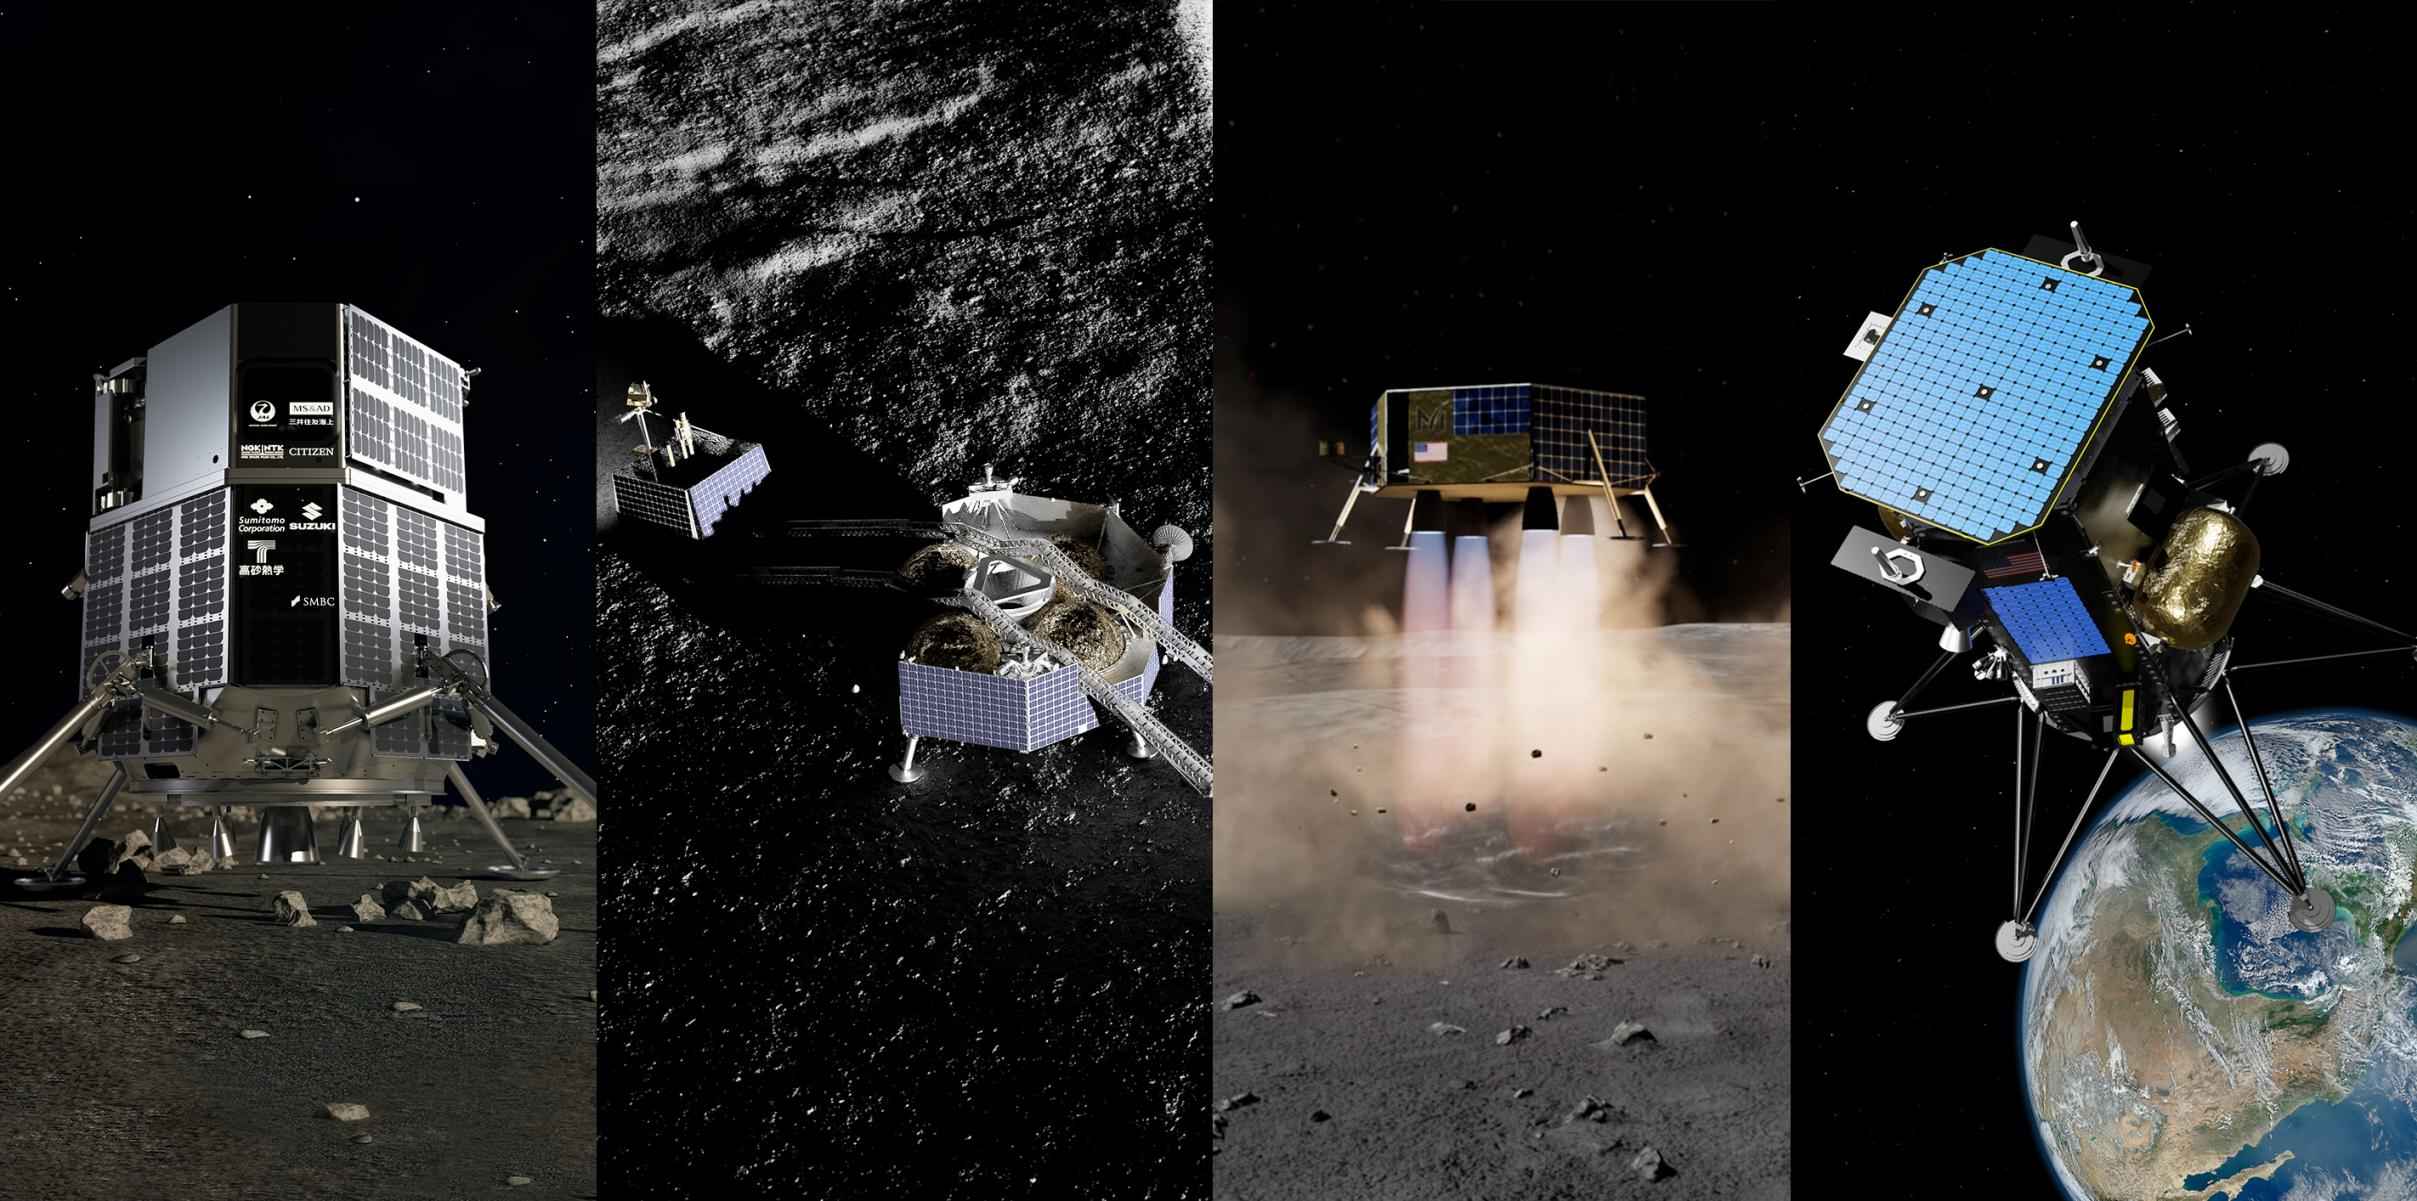 ispace Astrobotic Masten Intuitive Machines Moon landers 1 (c)